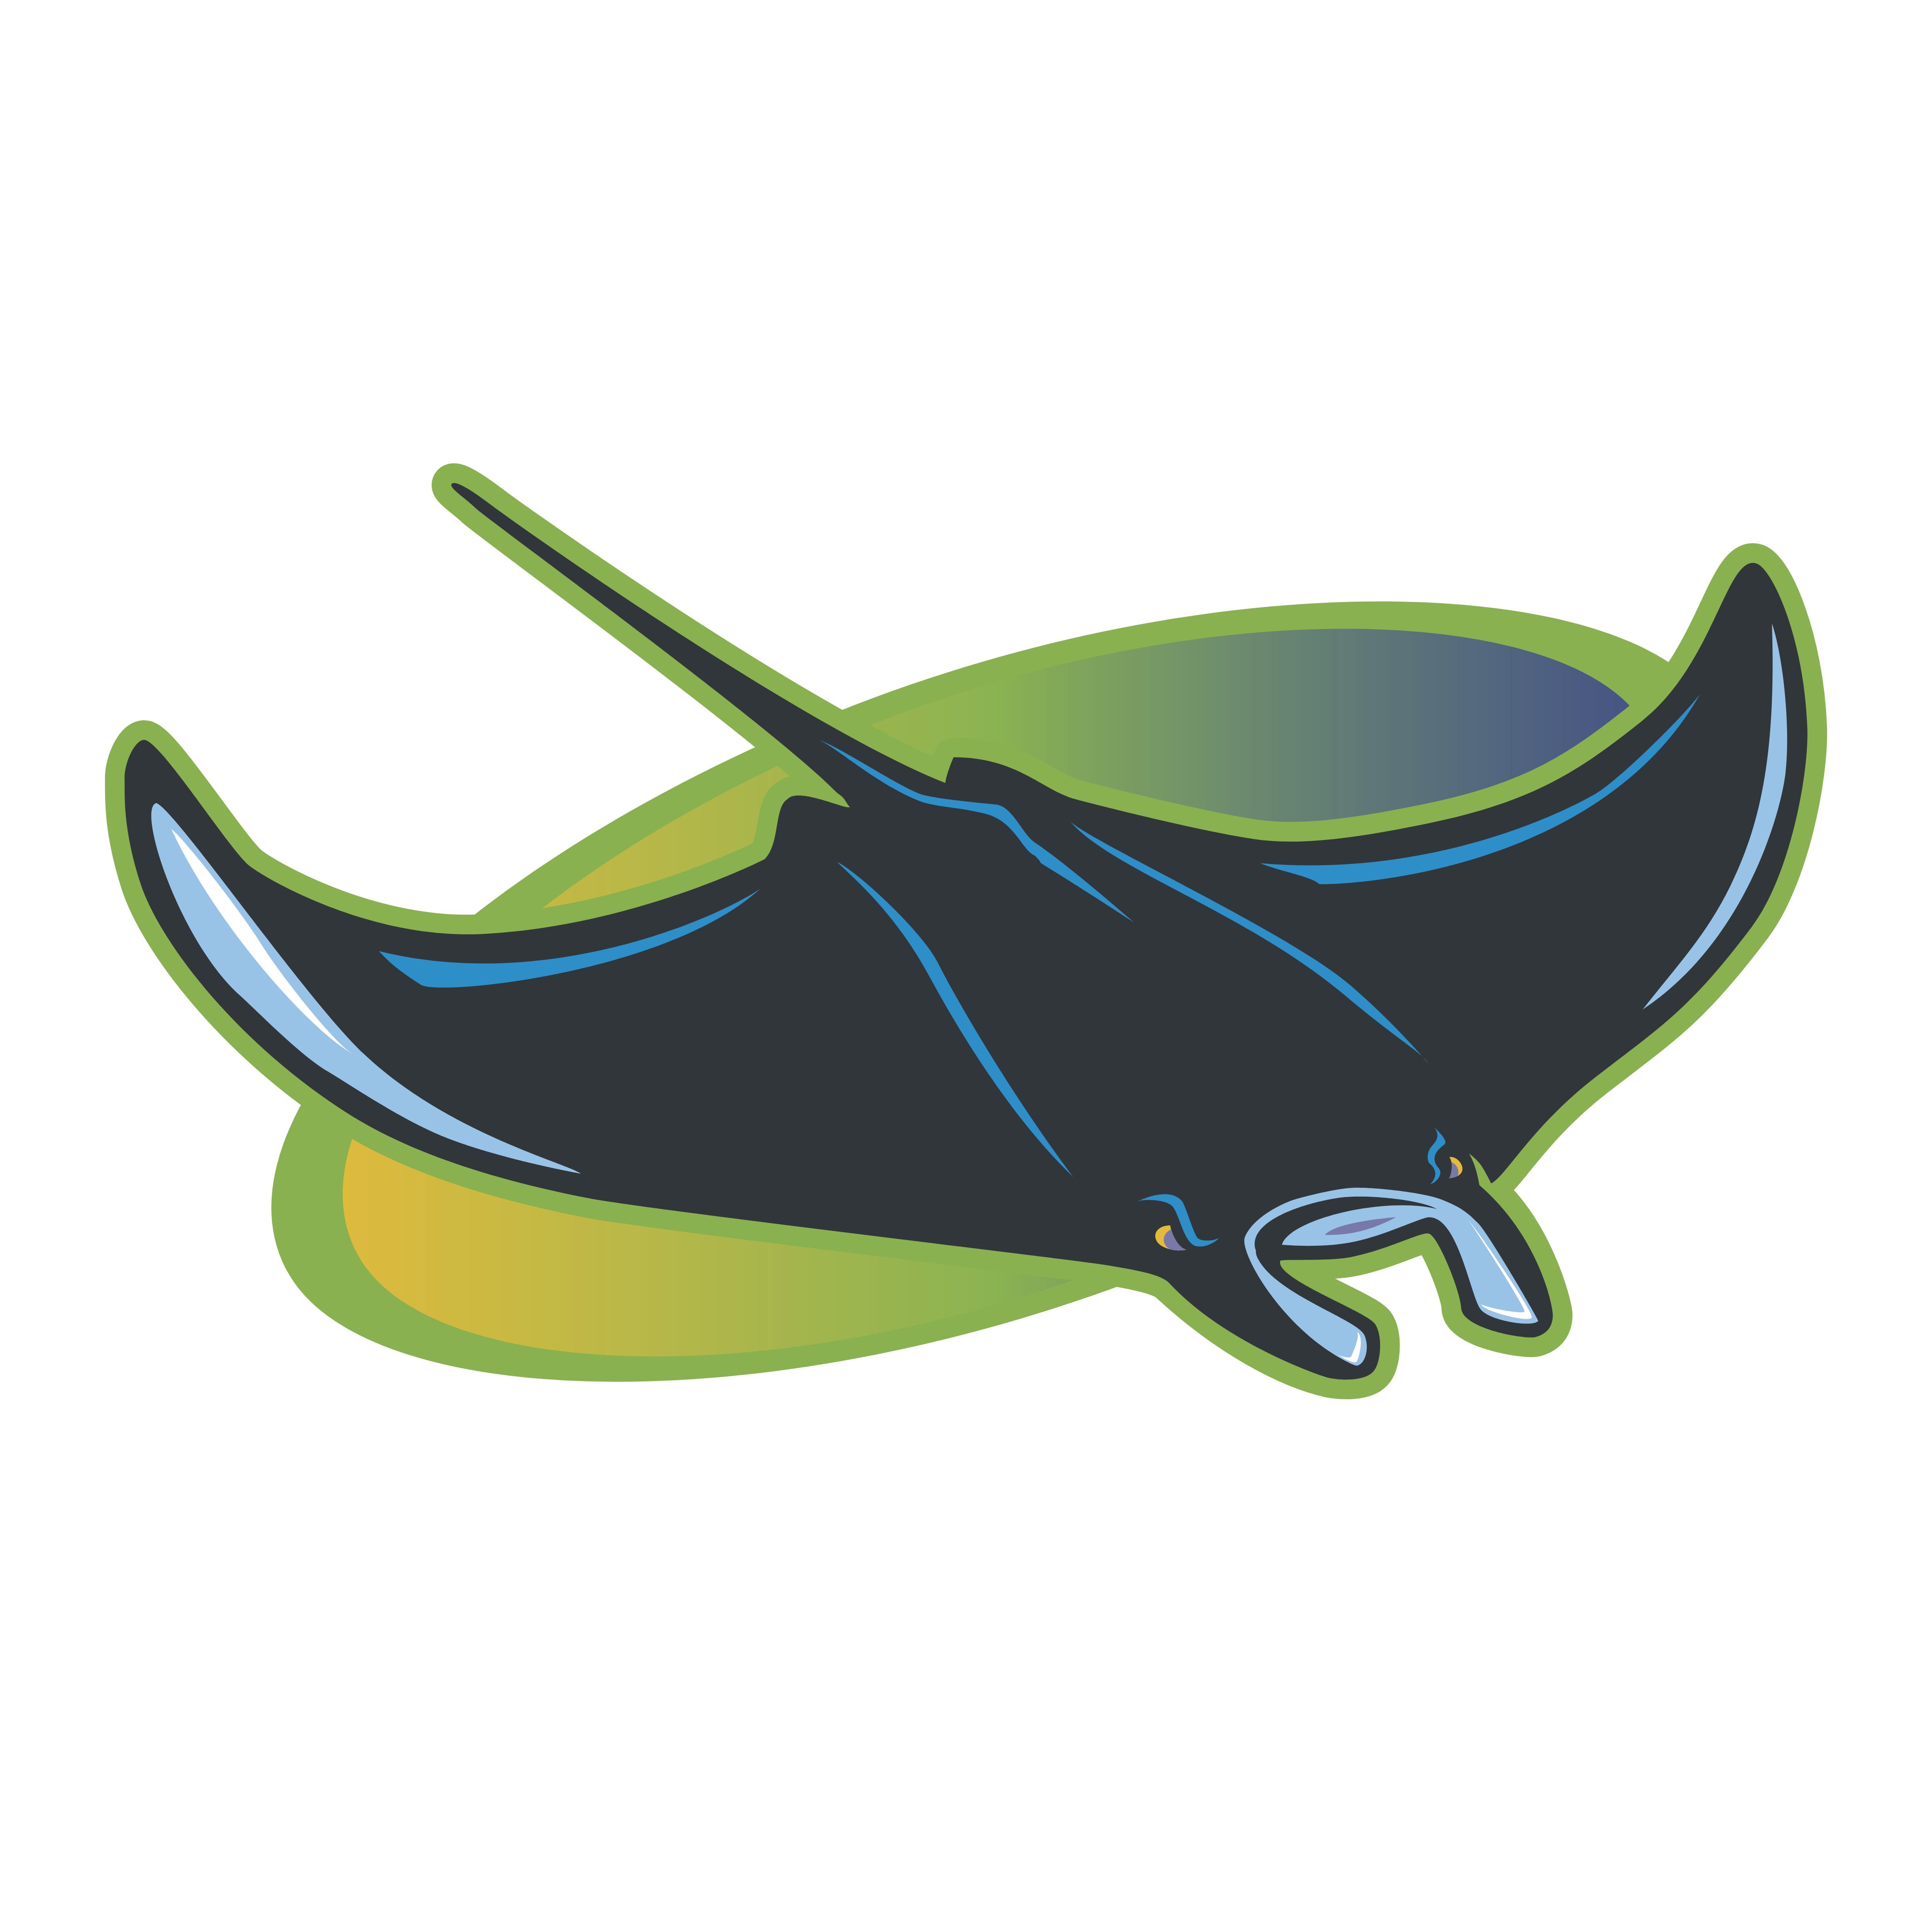 tampa bay devil rays logos download logos download